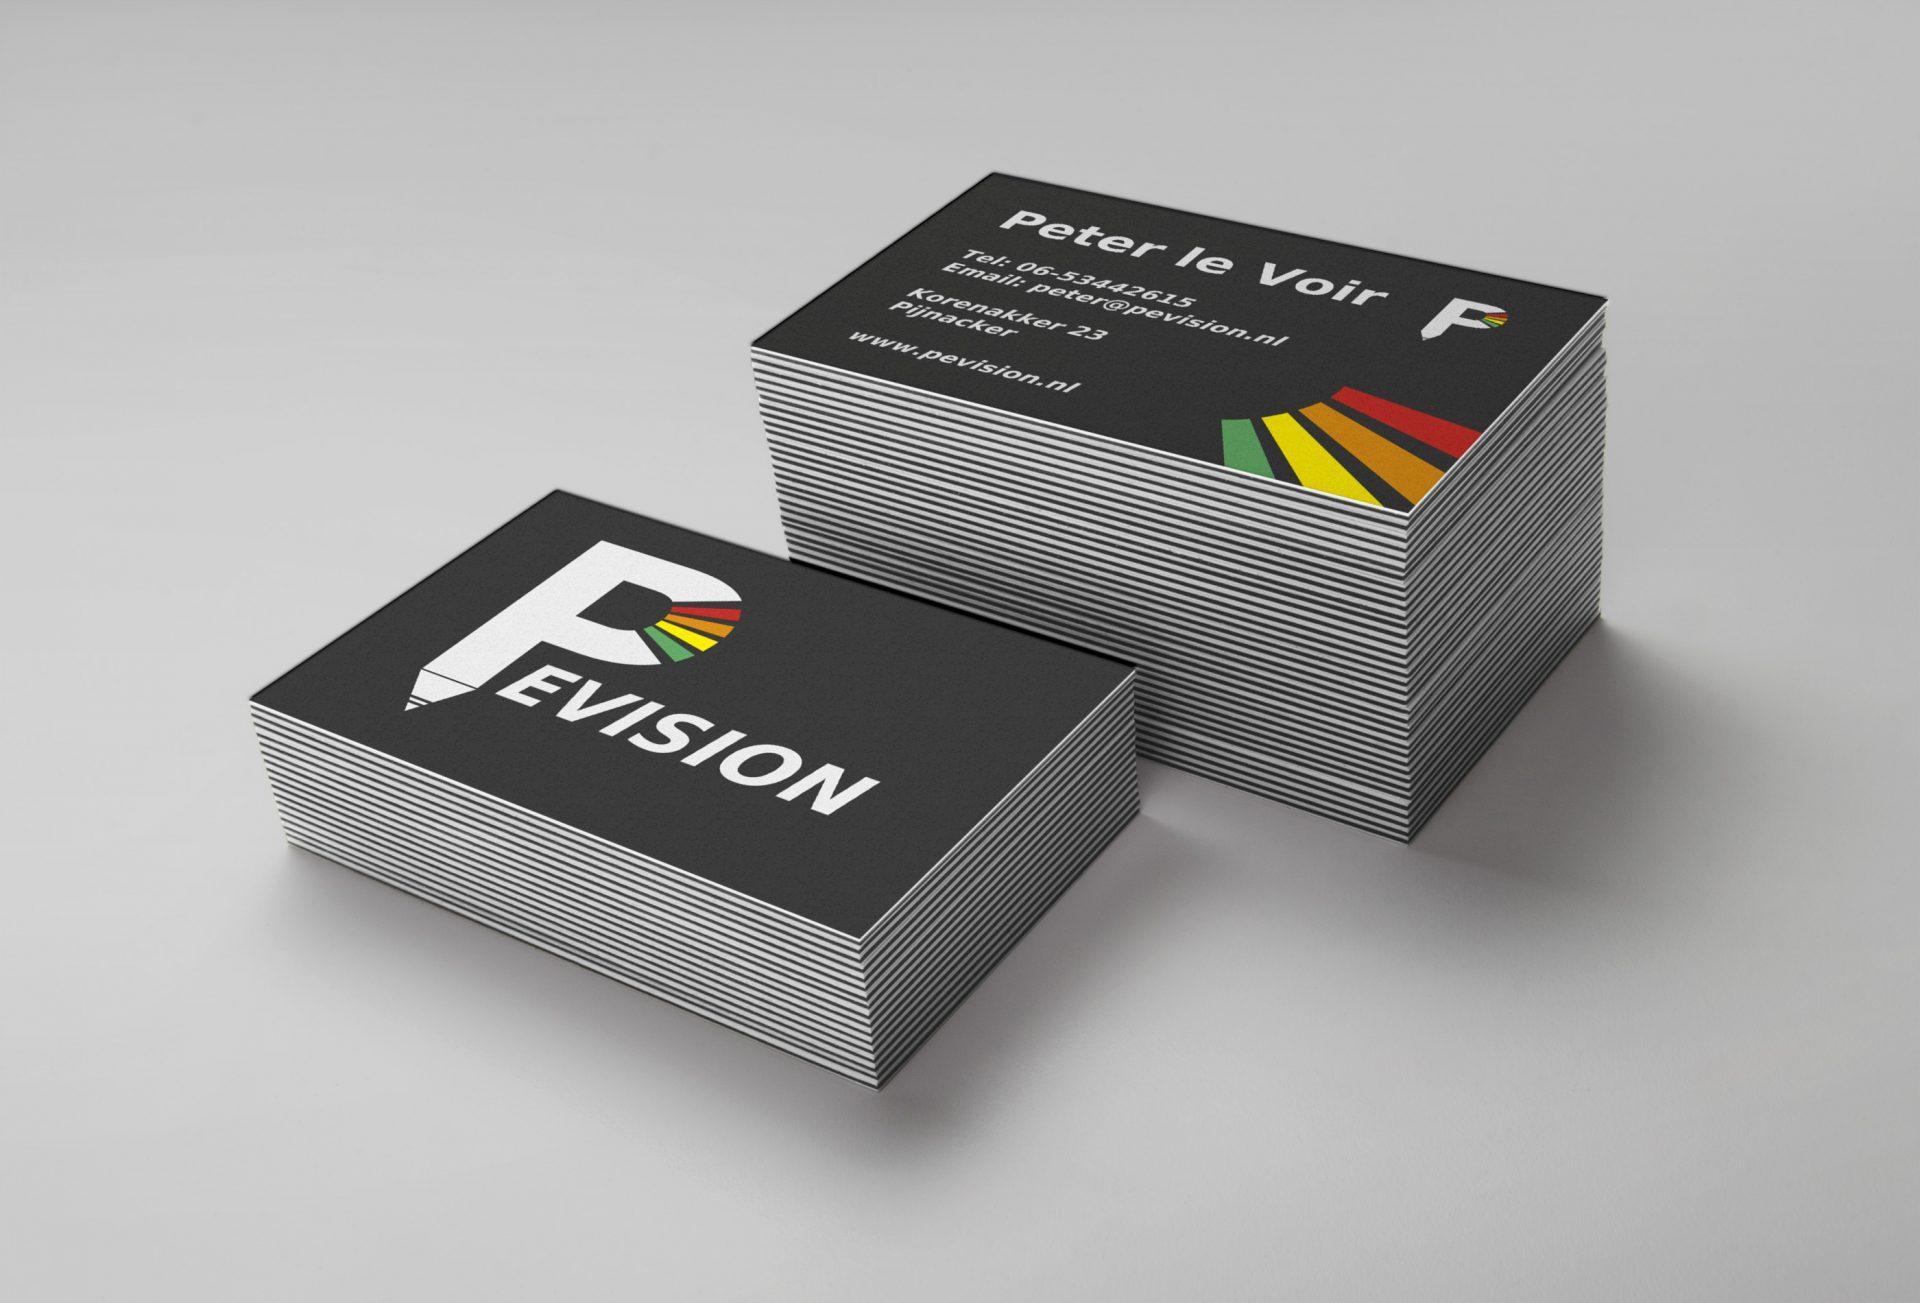 pevision logo bouw